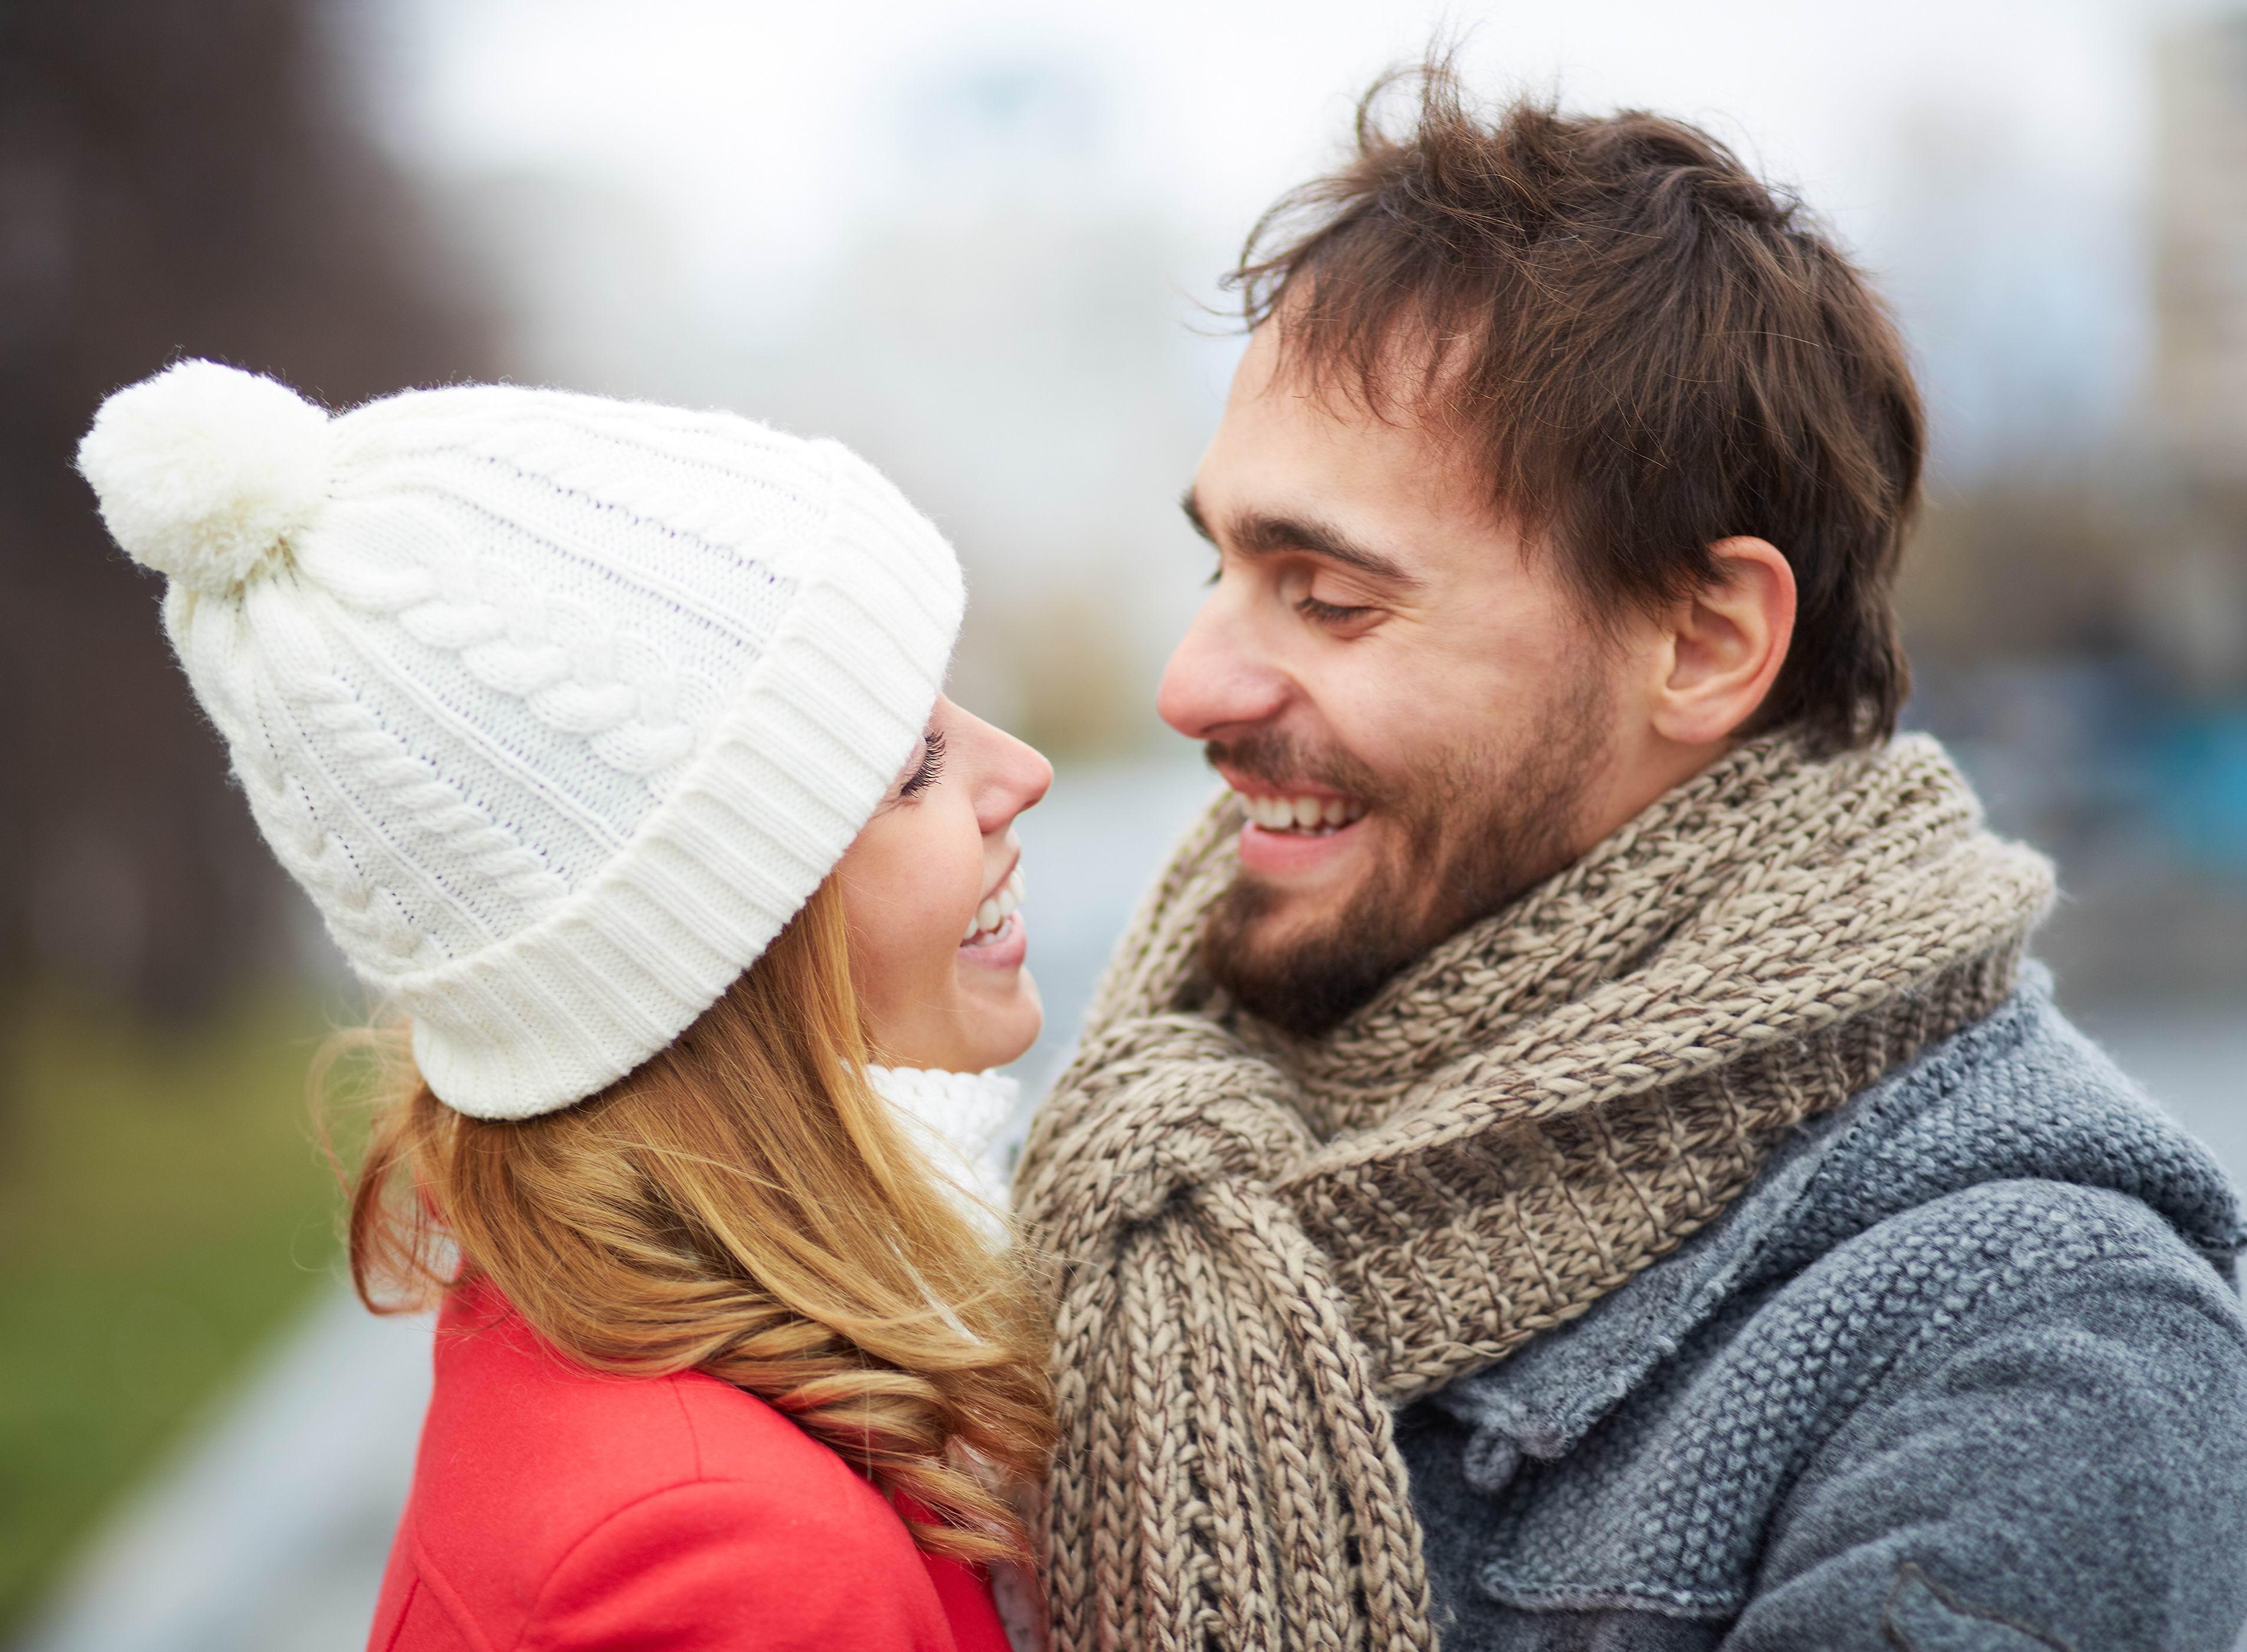 Nova saznanja o uticaju zagrljaja i magnezijuma na stres